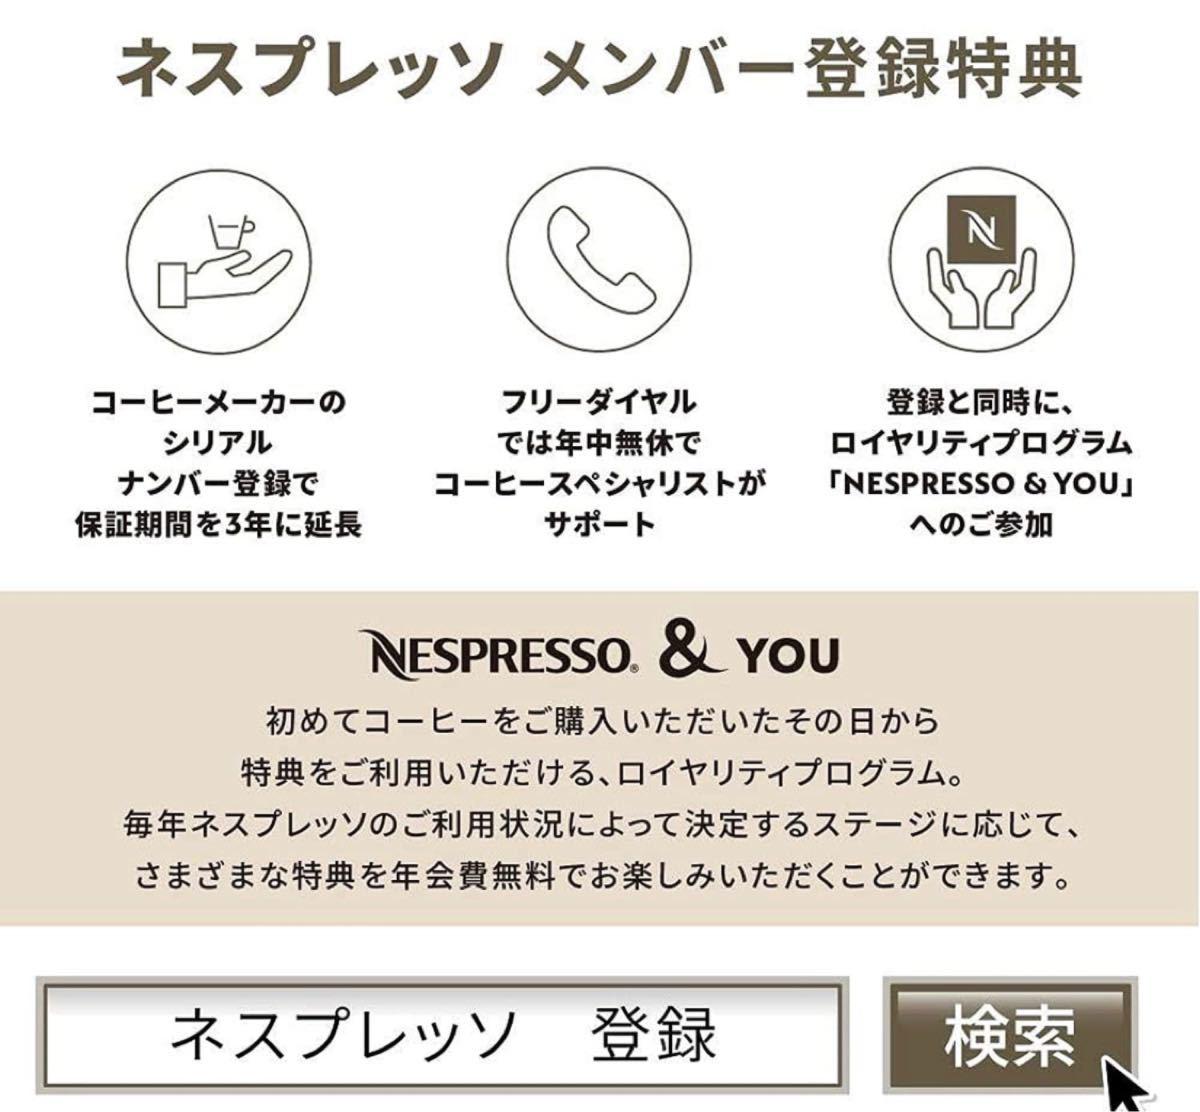 【新品未開封】ネスプレッソ カプセル式コーヒーメーカー ラティシマ・ワン シルキーホワイト F111-WH-W